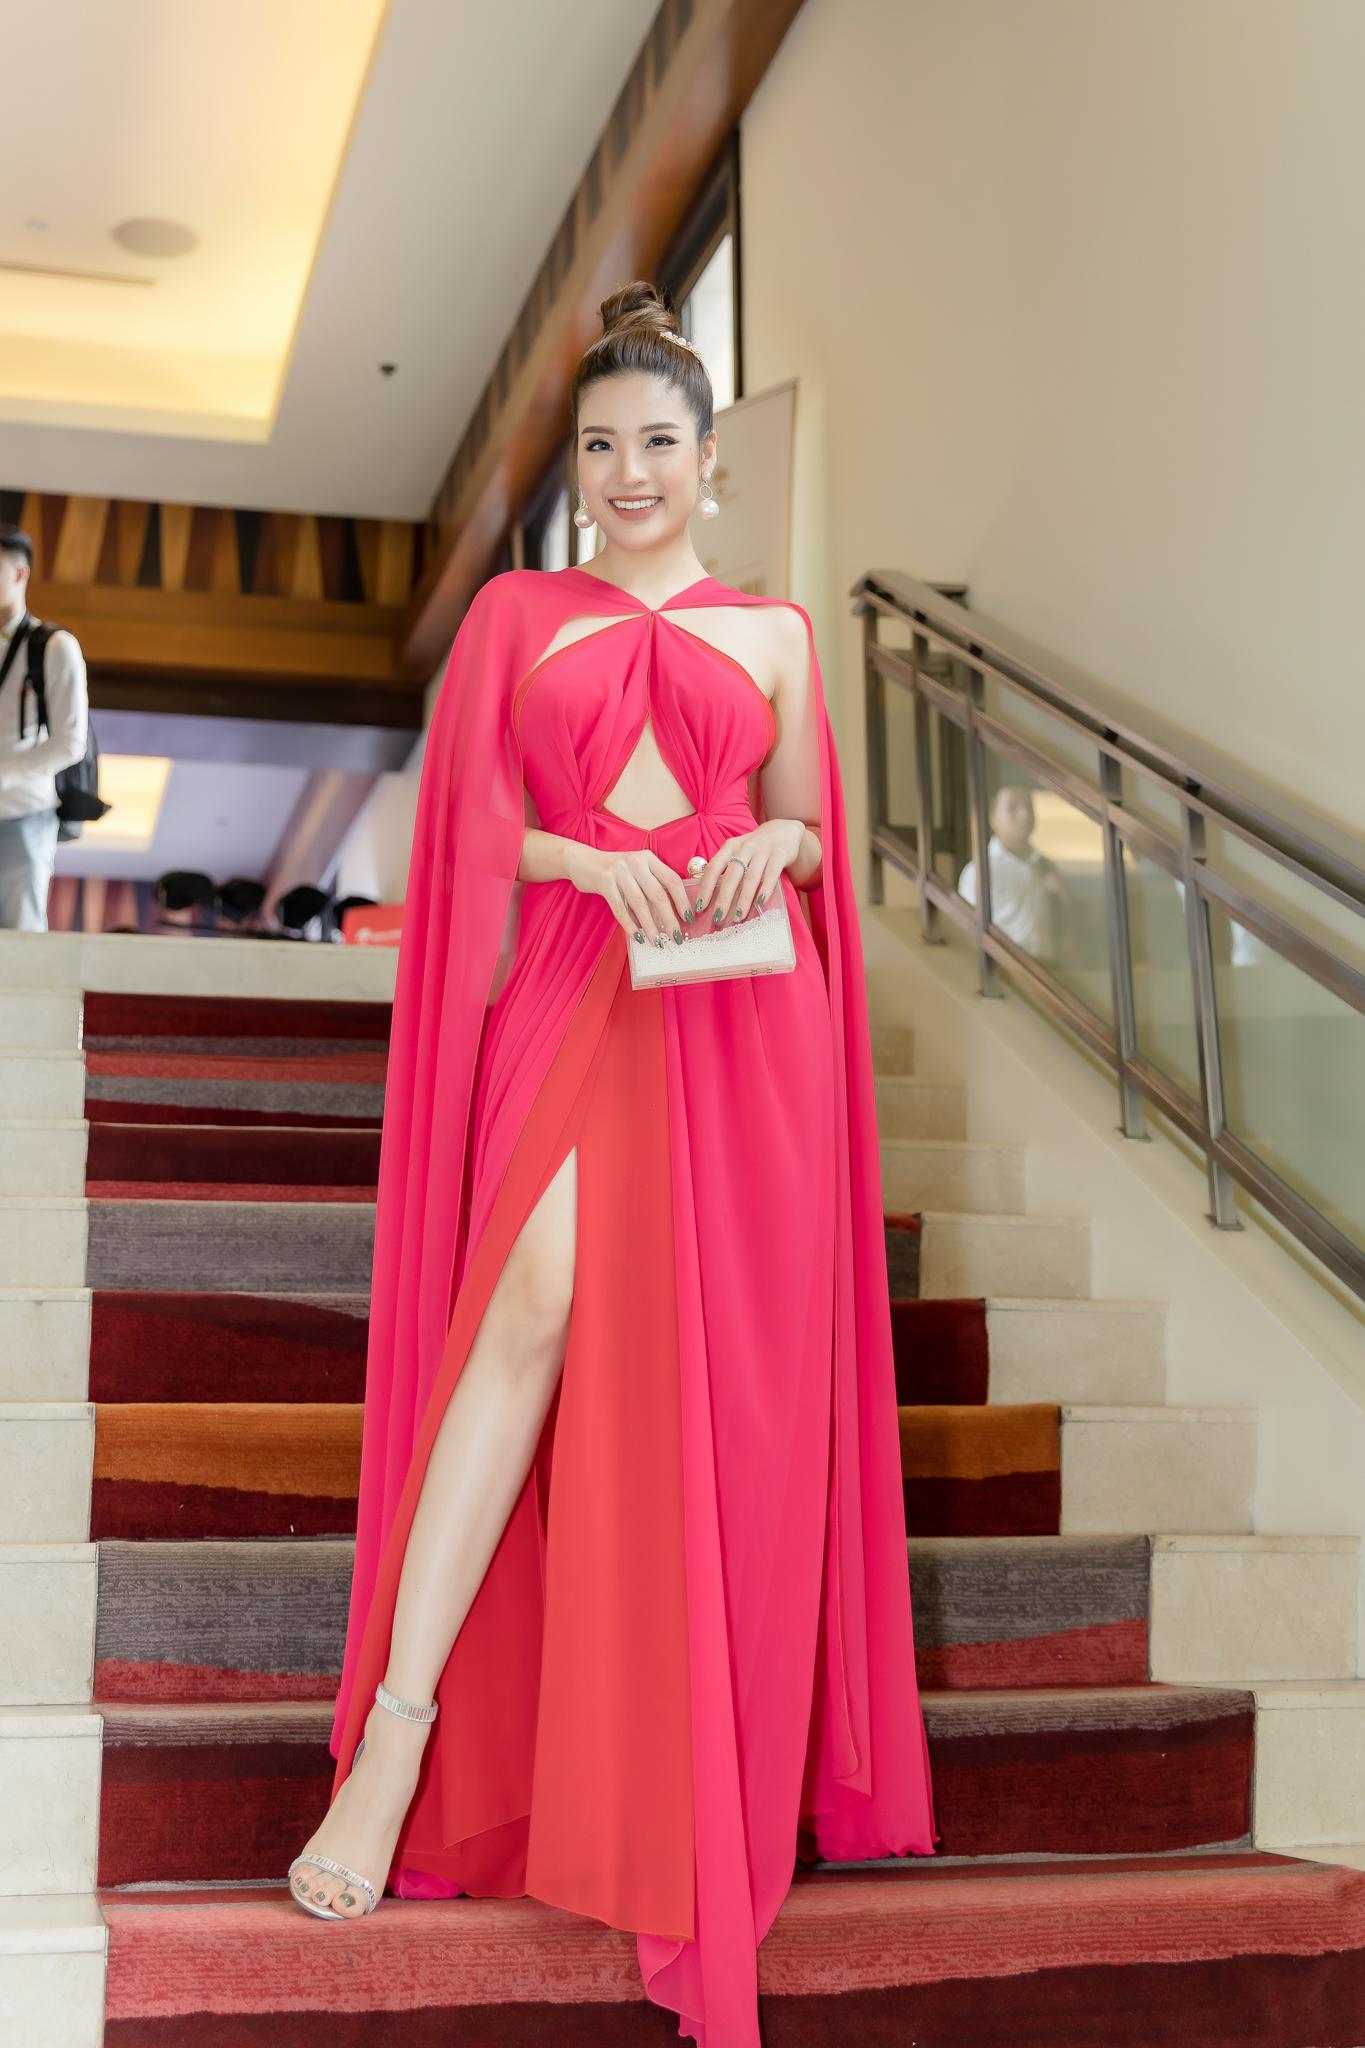 Hoa hậu Phan Hoàng Thu khoe thân hình đồng hồ cát chuẩn nữ thần - 2